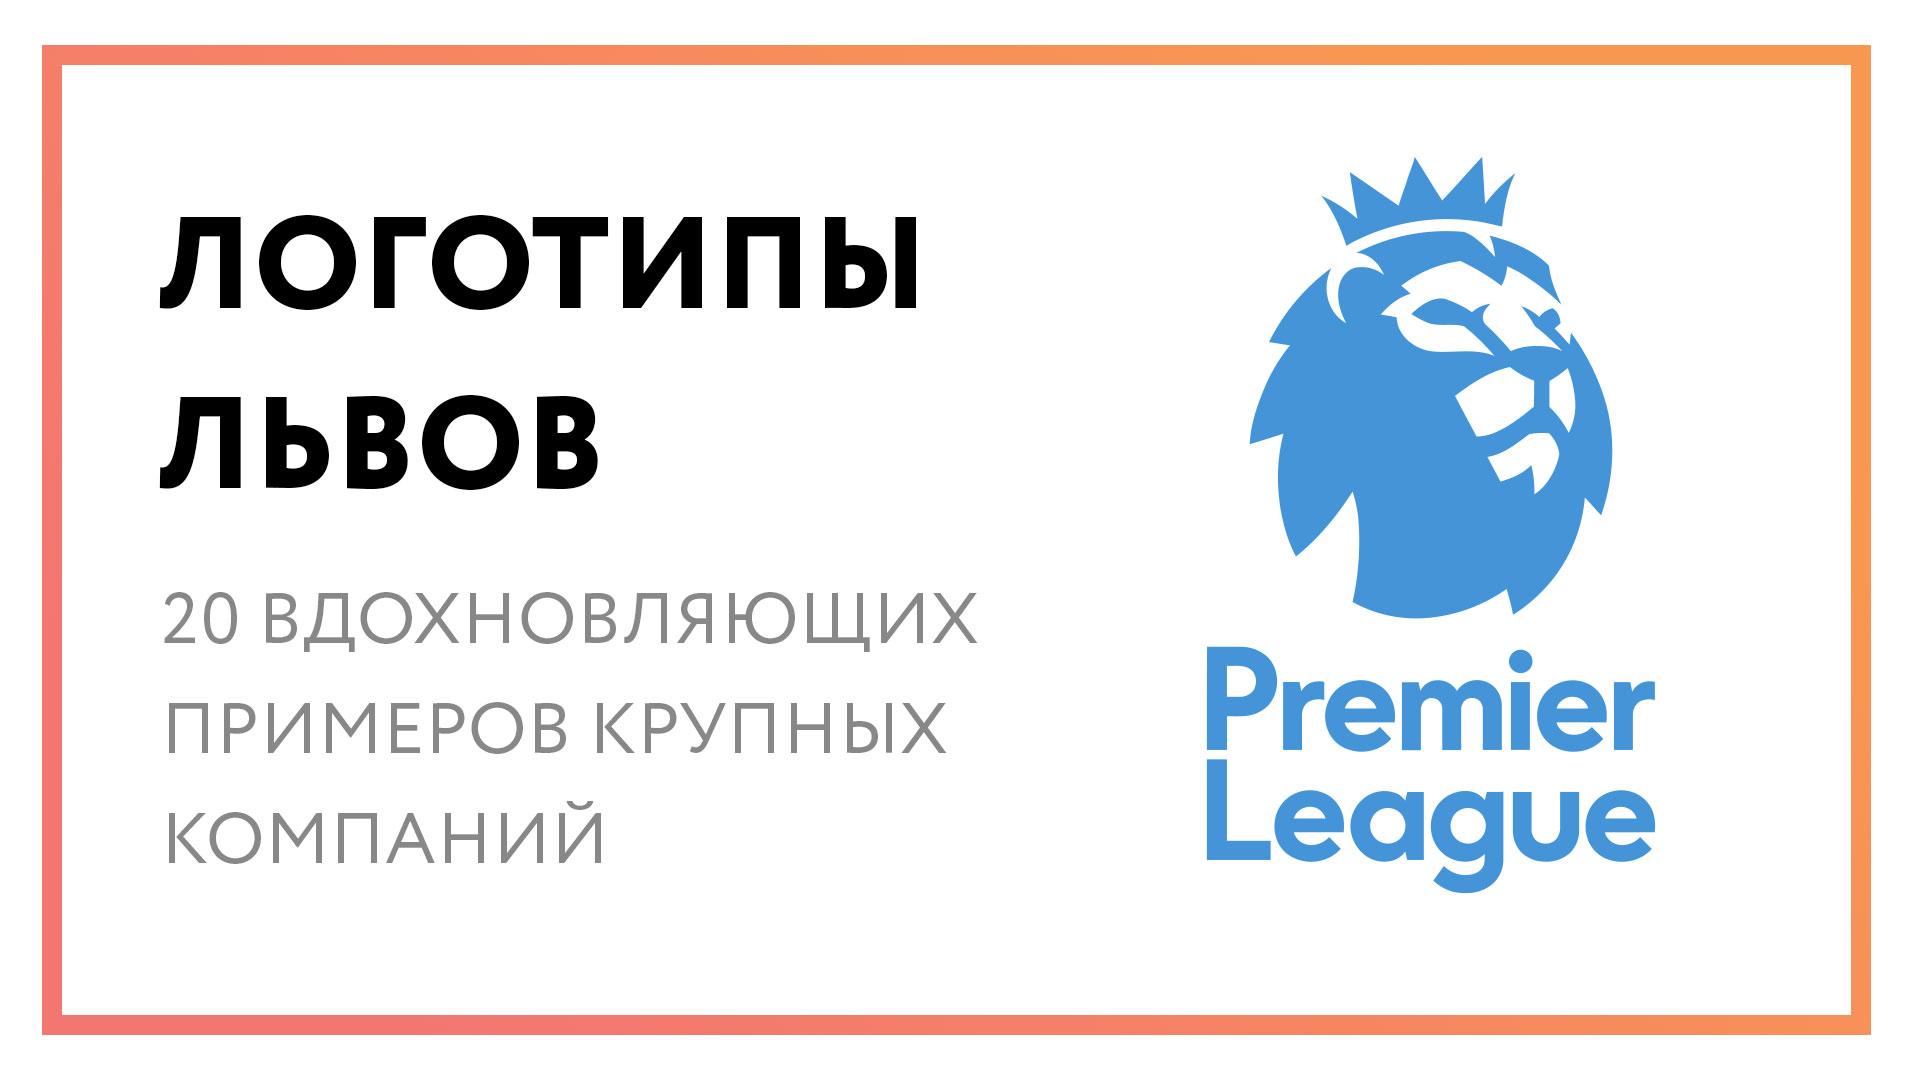 логотипы-львов.jpg